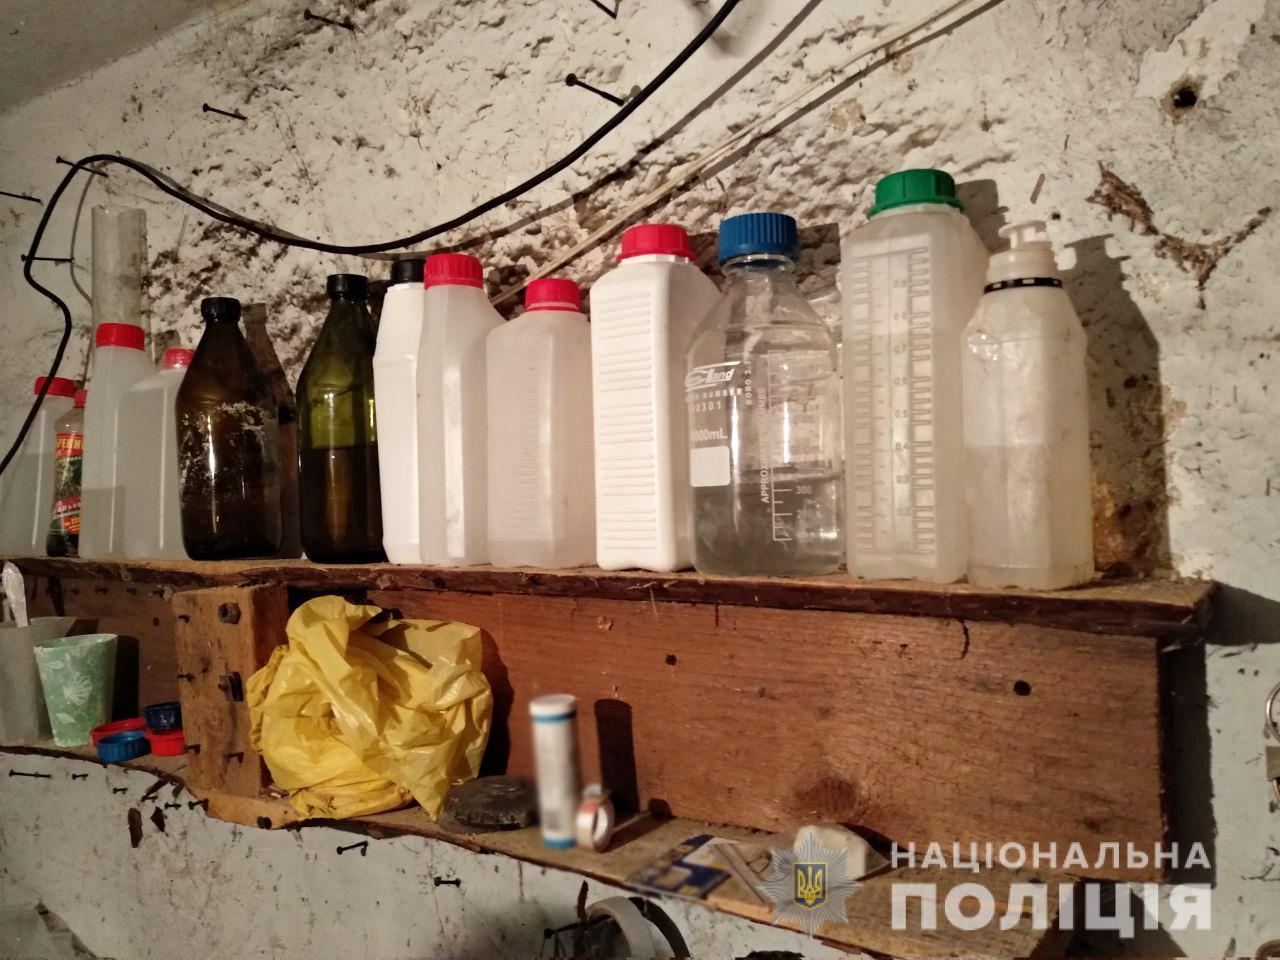 Без Купюр На Кіровоградщині наркозбувач постане перед судом Кримінал  управління протидії наркозлочинності 2020 рік